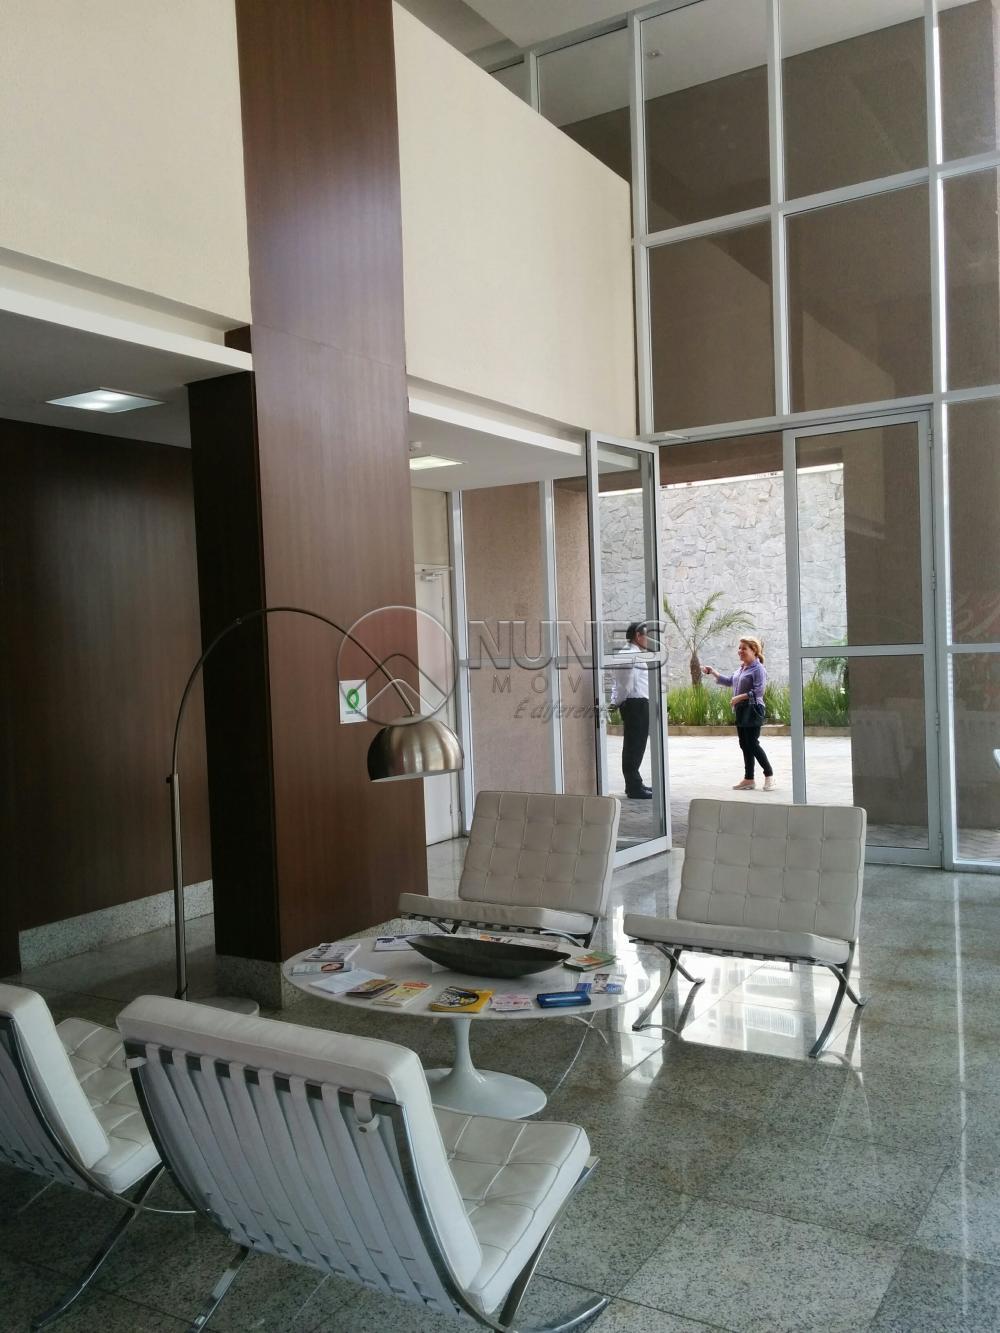 Alugar Comercial / Sala Comercial em Taboão da Serra apenas R$ 1.400,00 - Foto 5